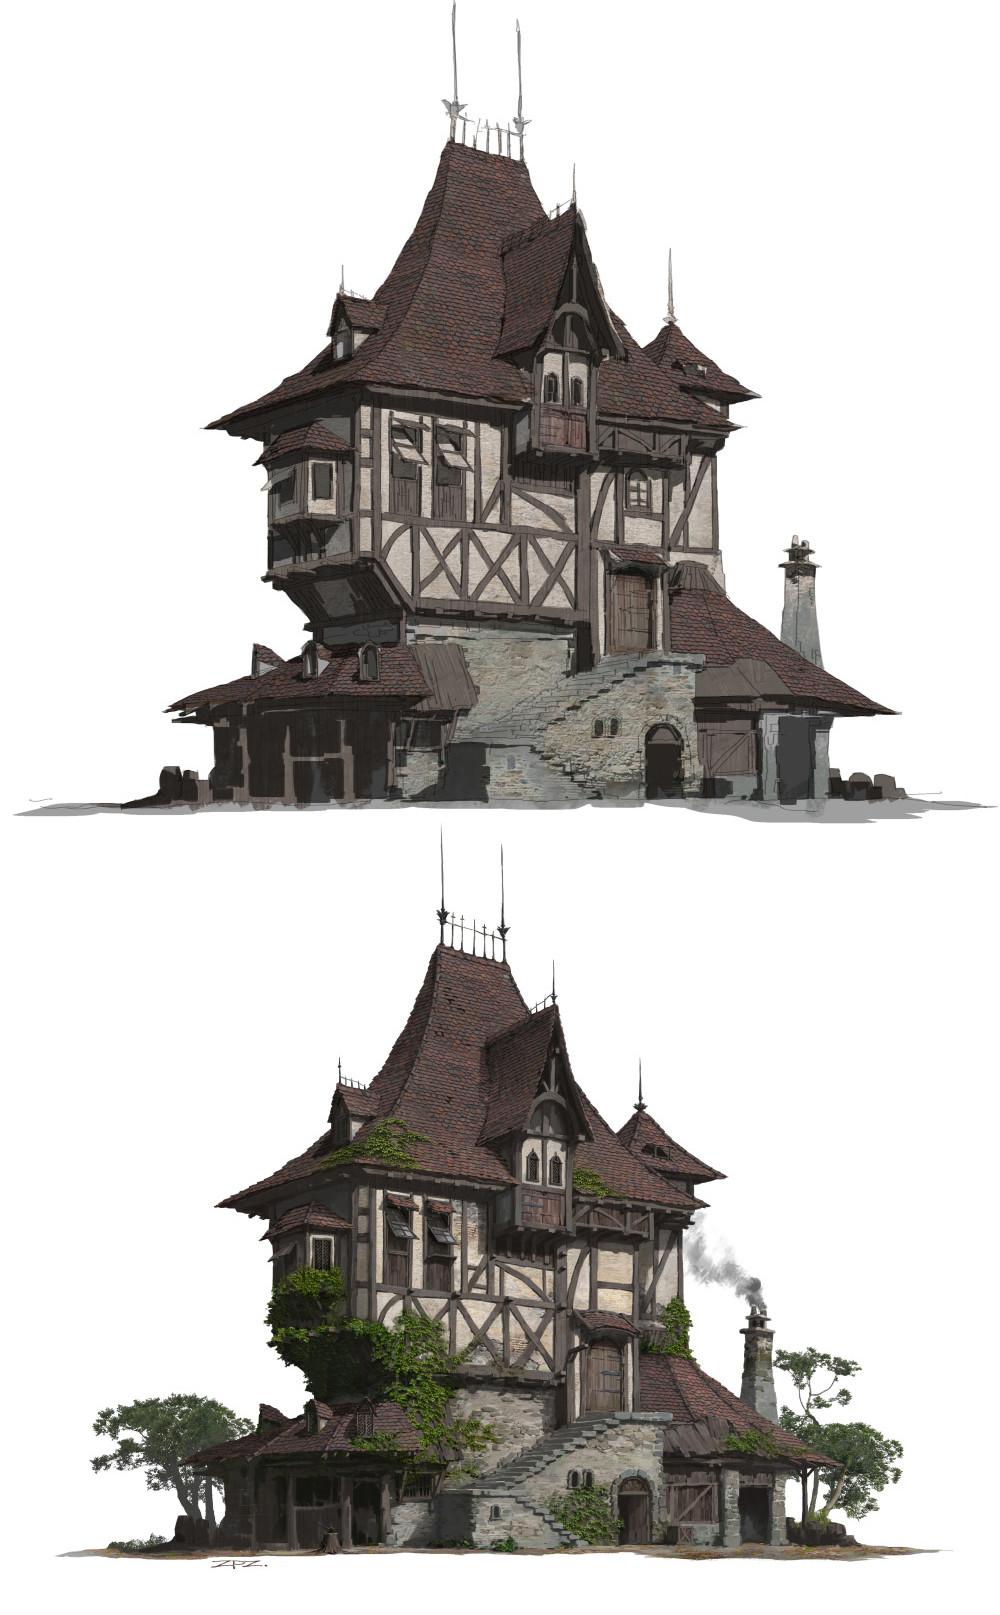 Pengzhen Zhang A Folk House Design